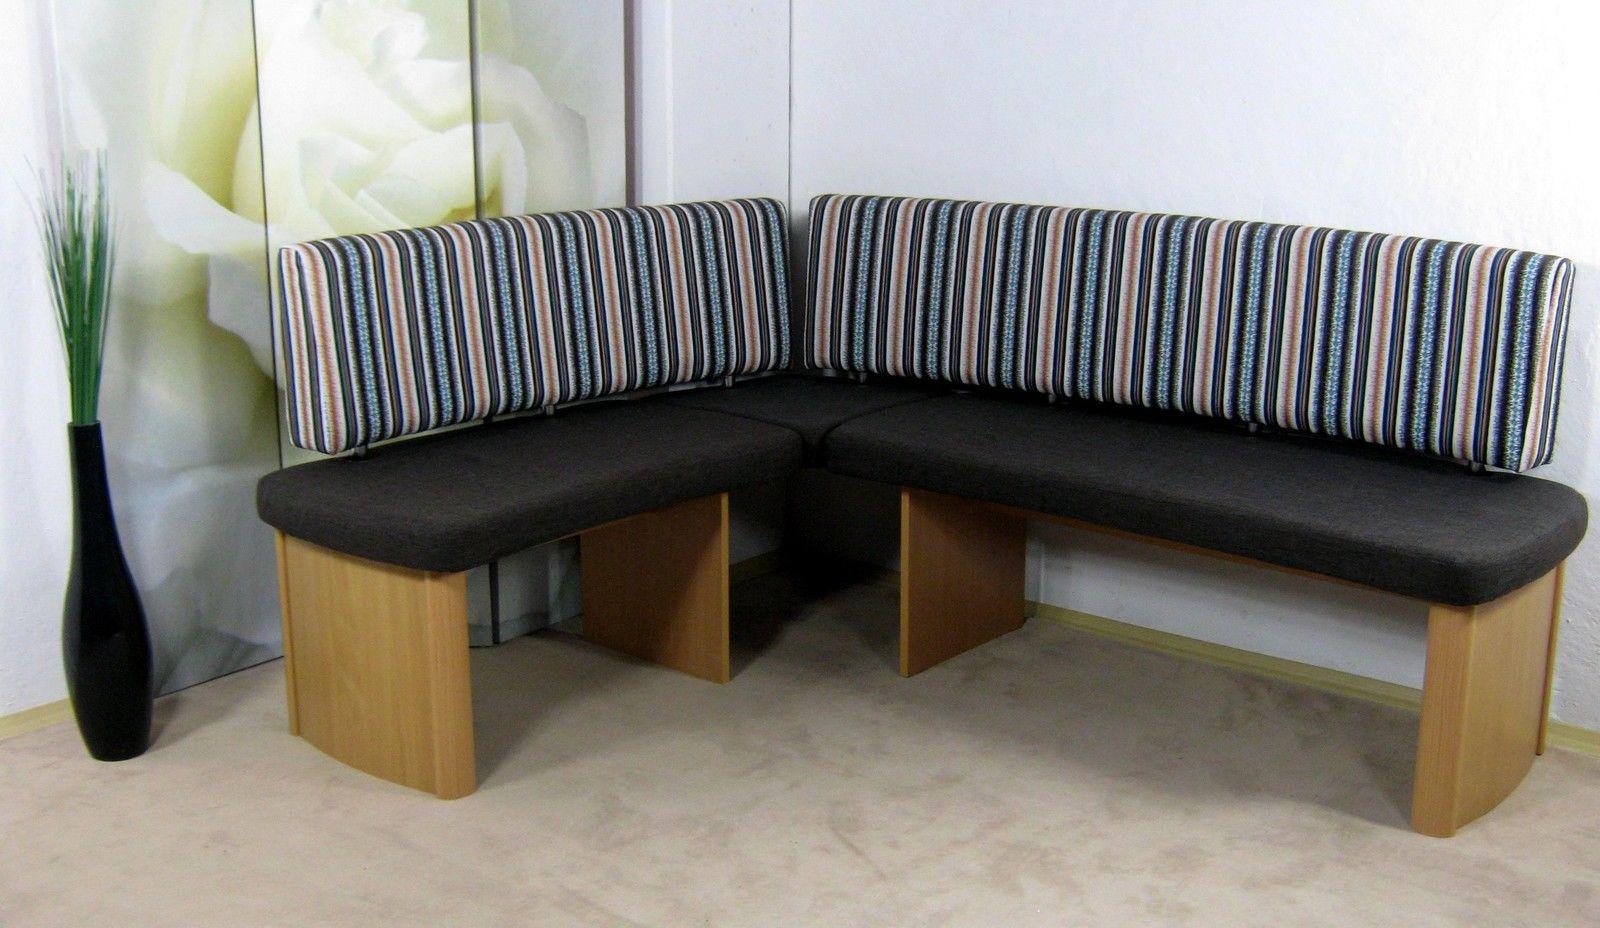 Full Size of Kchenbank Mehr Als 500 Angebote Küche Kaufen Ikea Kosten Modulküche Betten Bei Sofa Mit Schlaffunktion 160x200 Miniküche Wohnzimmer Ikea Küchenbank